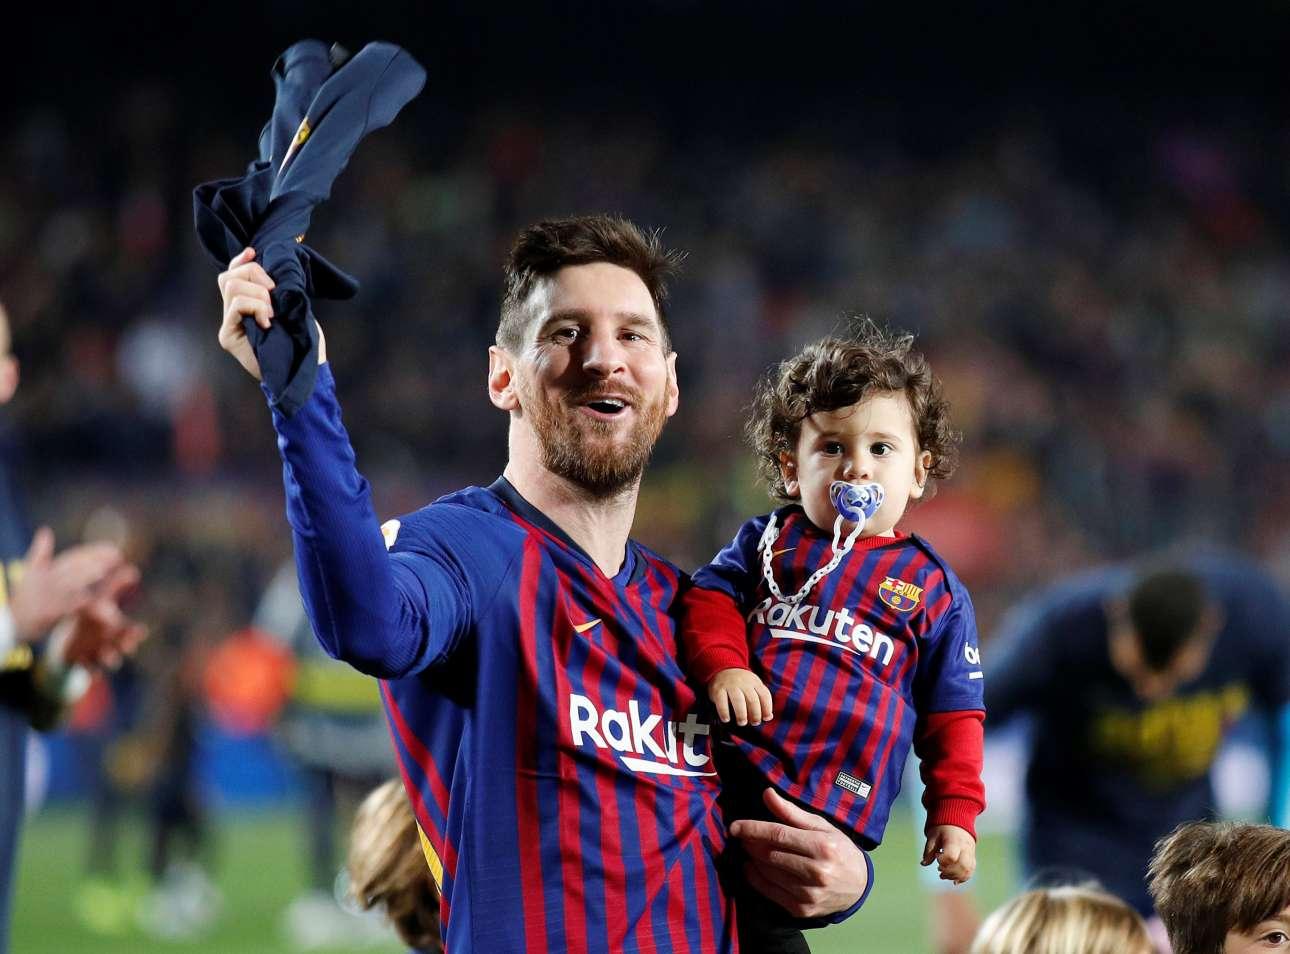 M. Σάββατο, 27 Απριλίου, Ισπανία. Ο Λιονέλ Μέσι πανηγυρίζει έχοντας αγκαλιά τον γιο του, την κατάκτηση του ισπανικού πρωταθλήματος από την Μπαρτσελόνα μετά το ματς με τη Λεβάντε στη Βαρκελώνη